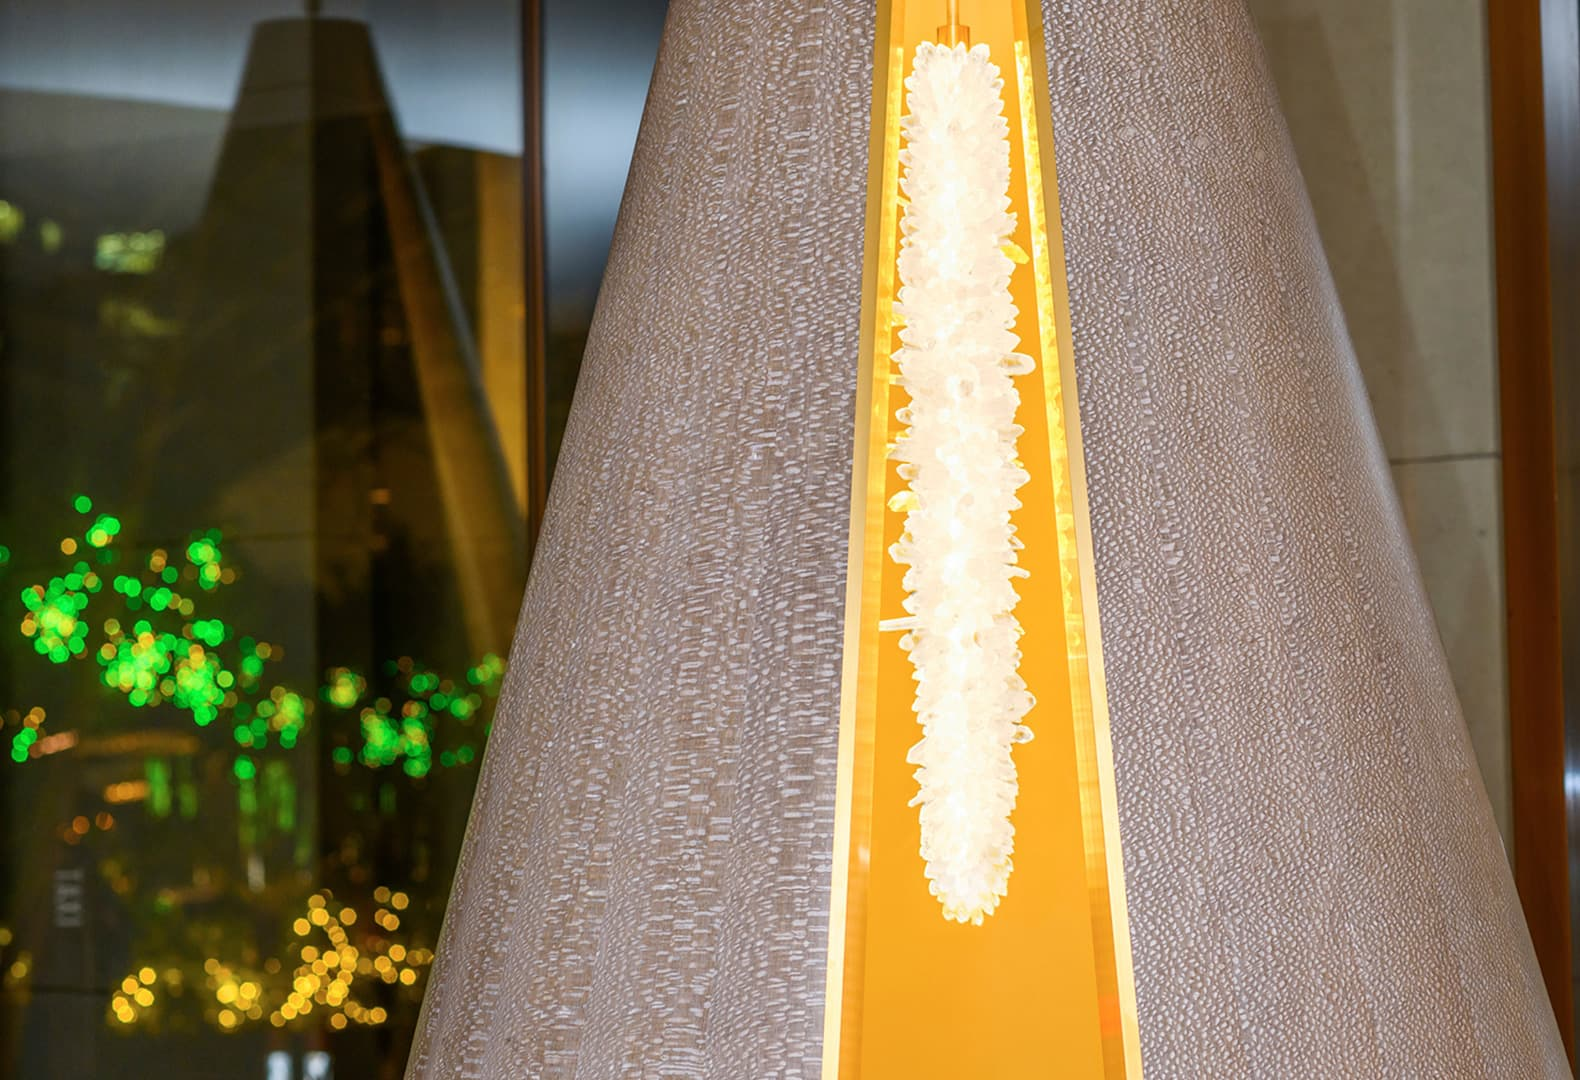 Светящийся конус от Фионы Баррат